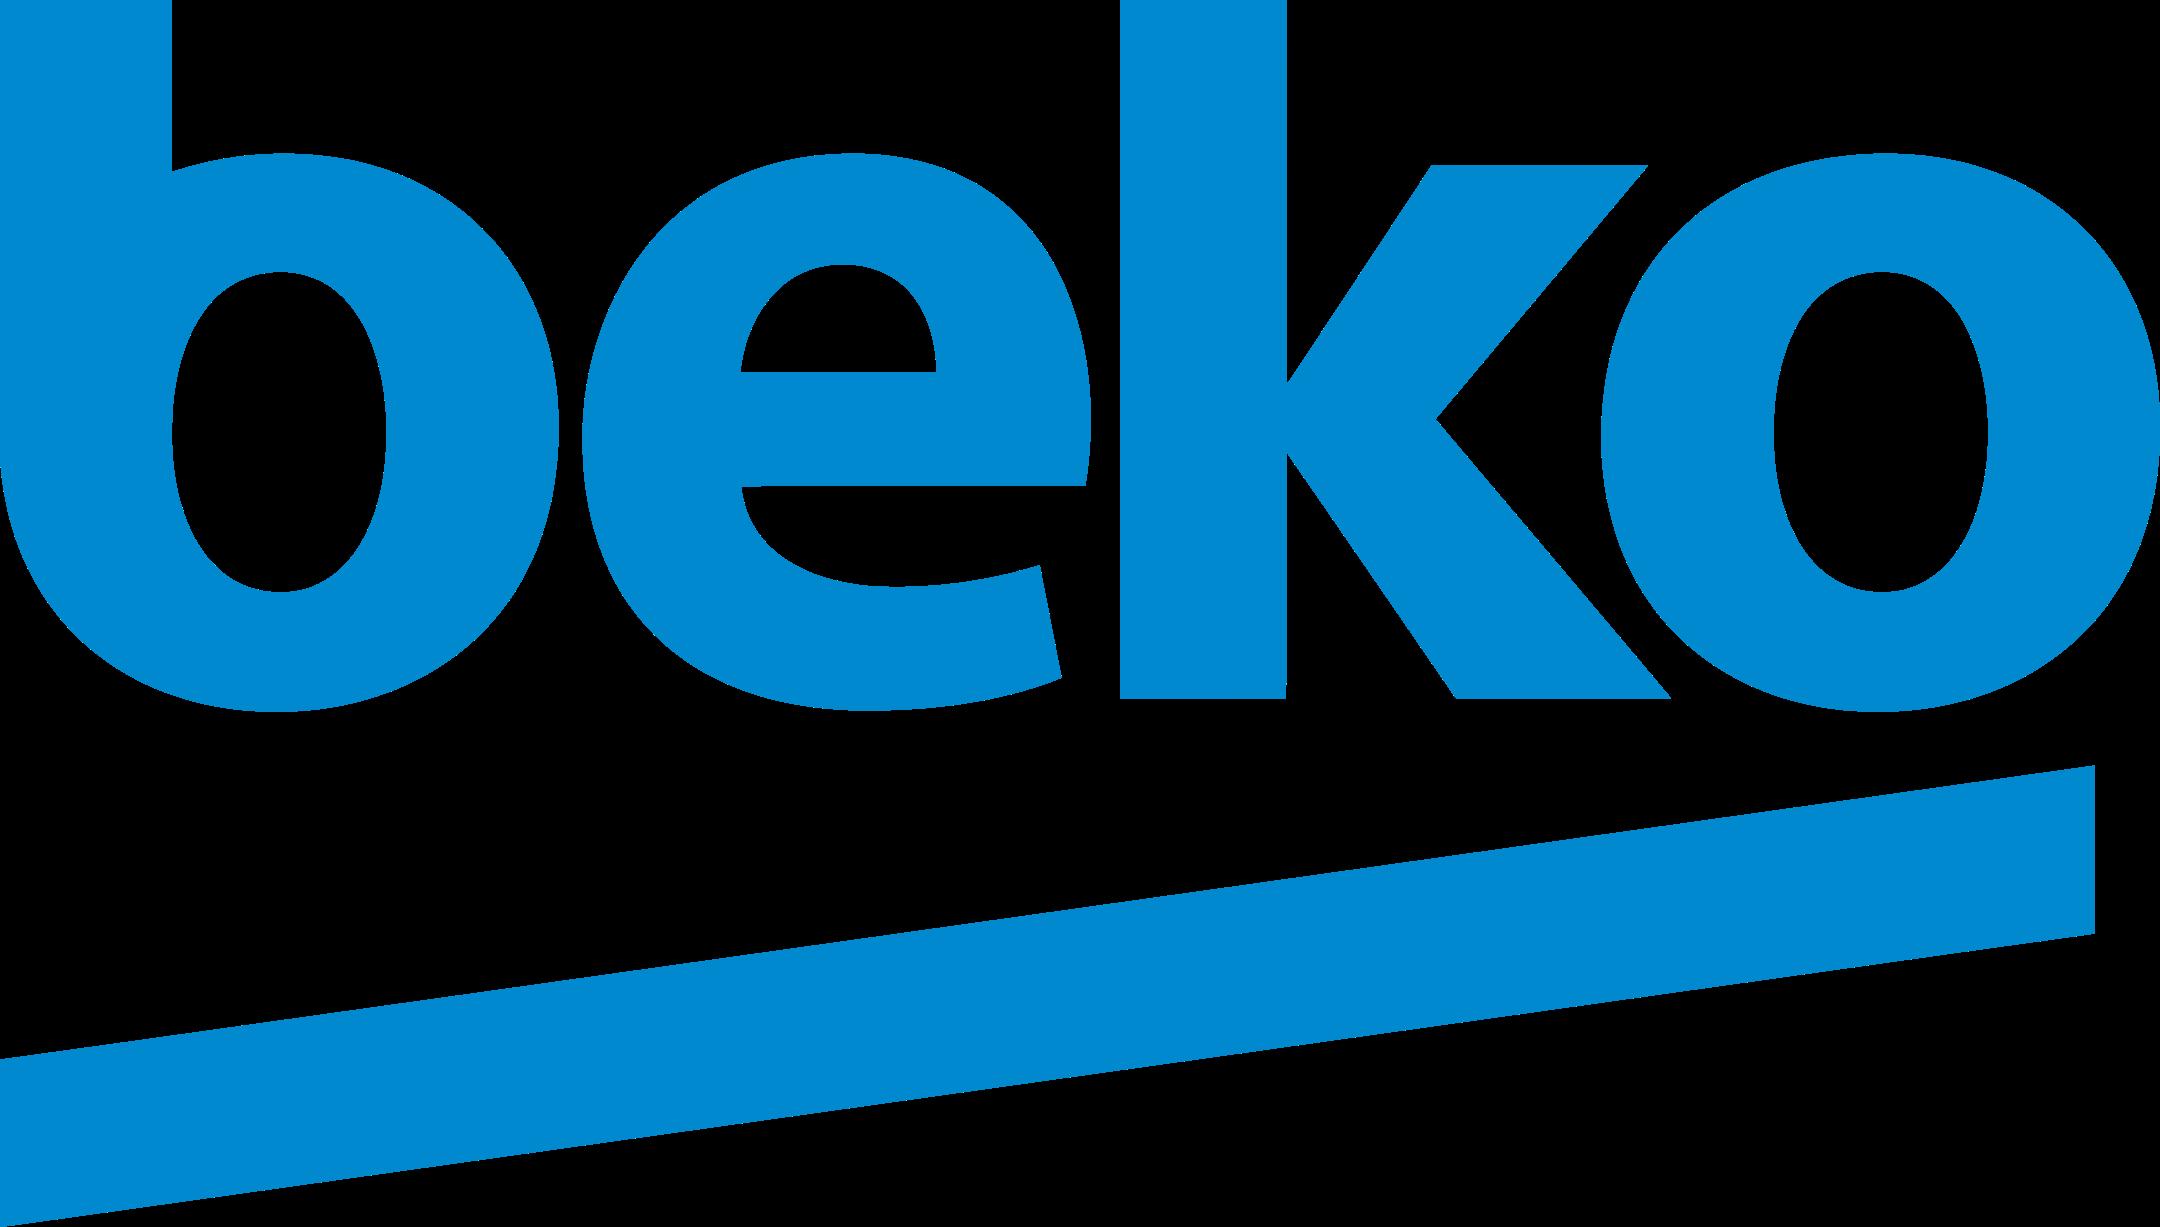 beko logo 1 - Beko Logo